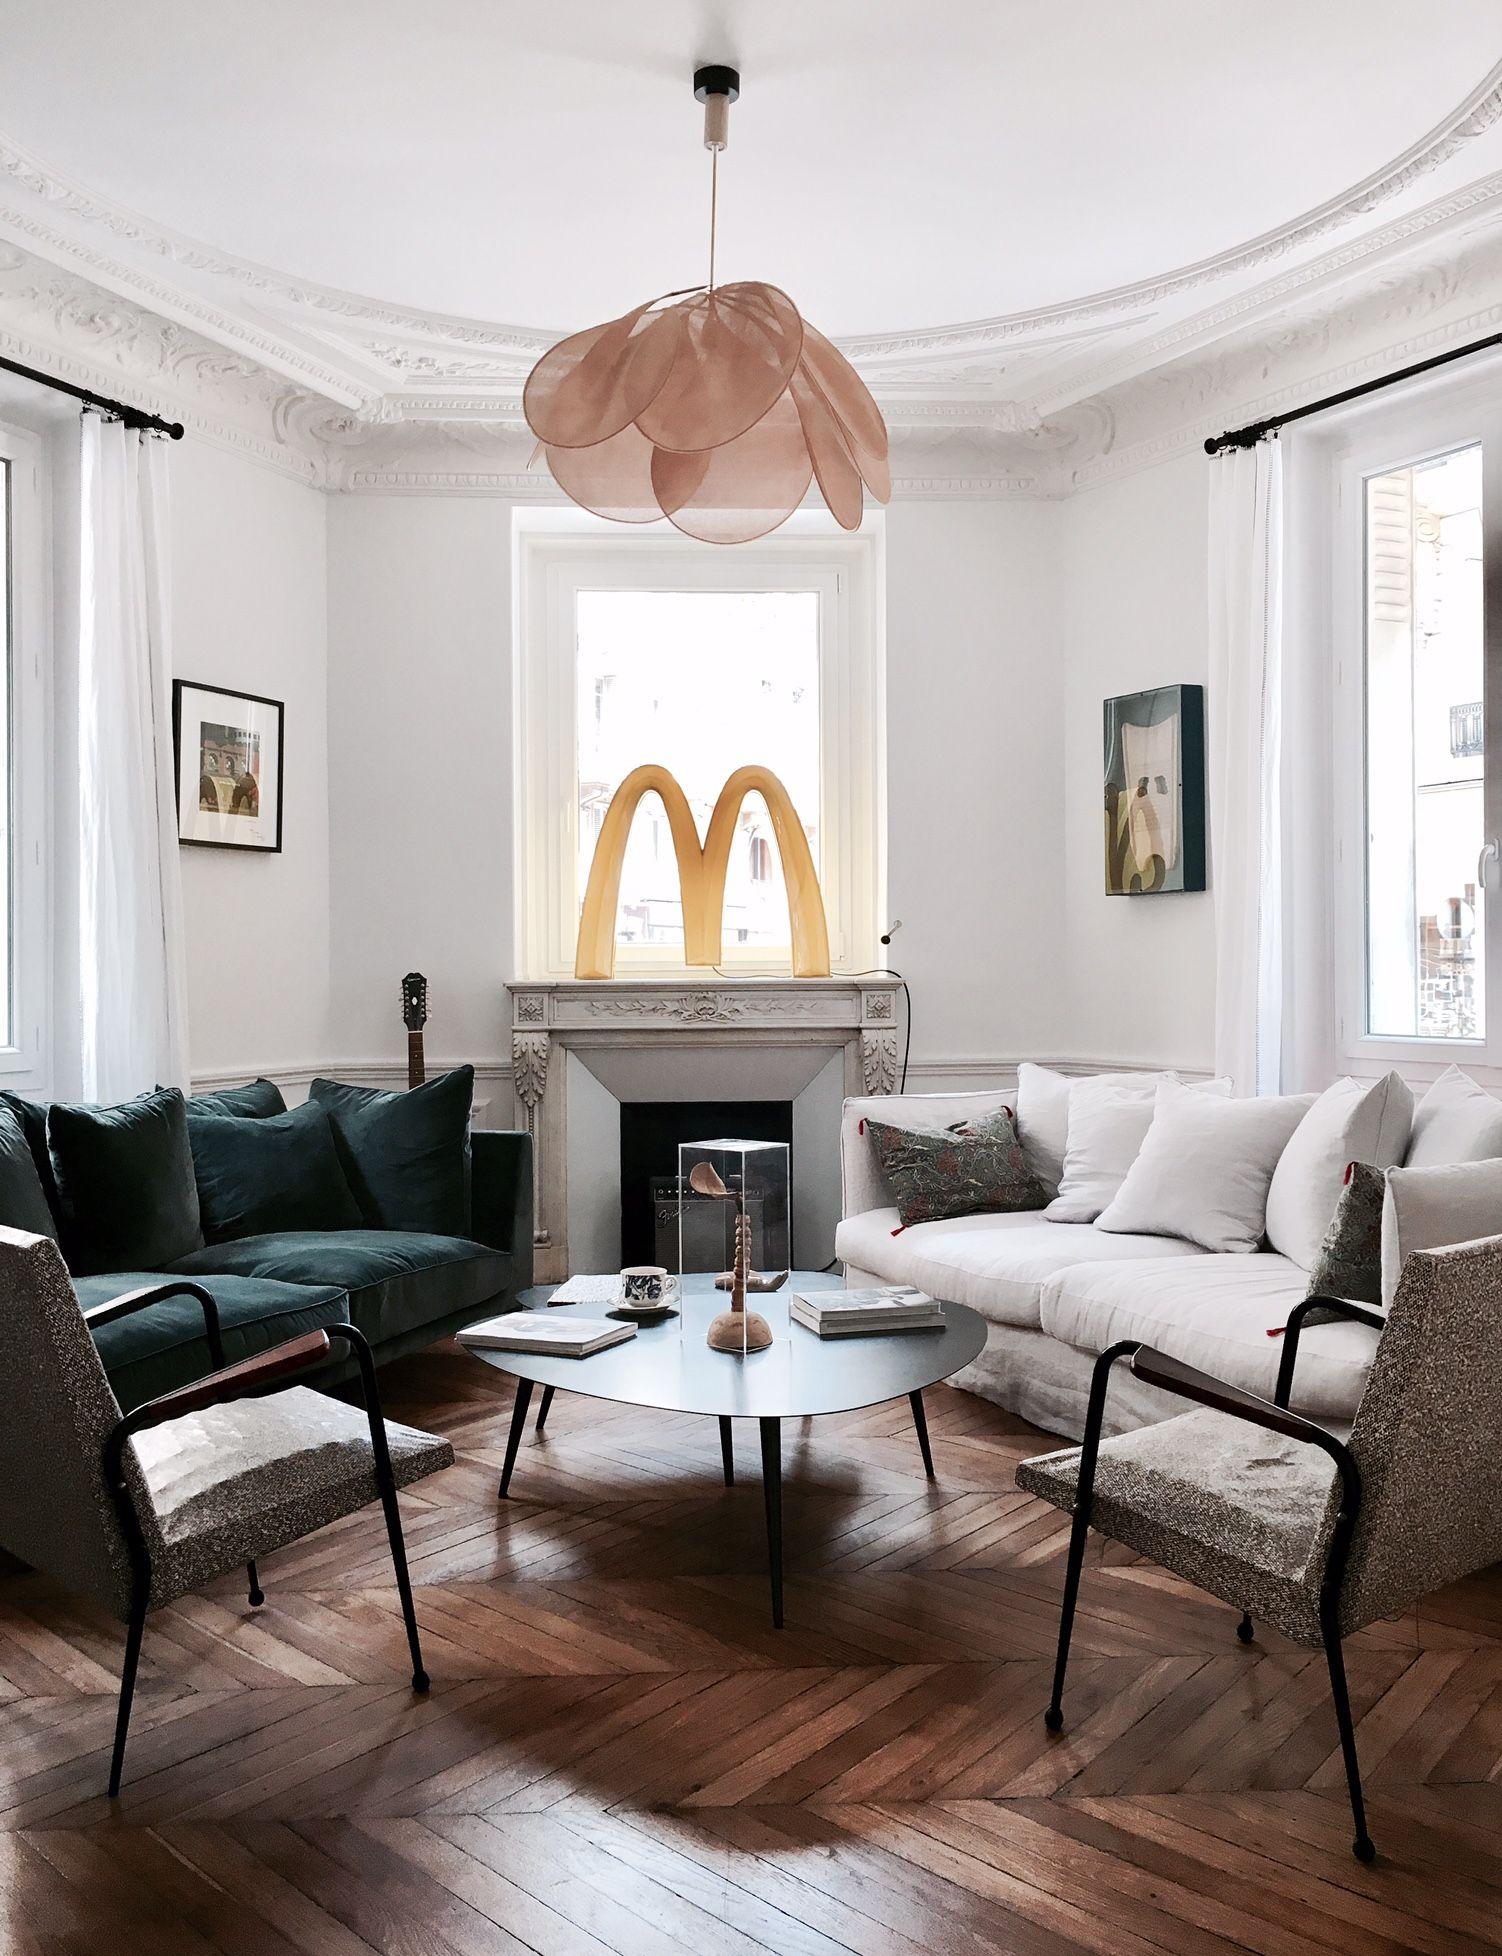 Épinglé Par Alexandra Mehuys Sur Sweet Home Favs Décoration Petit Appartement Deco Appartement Décoration Salon Appartement